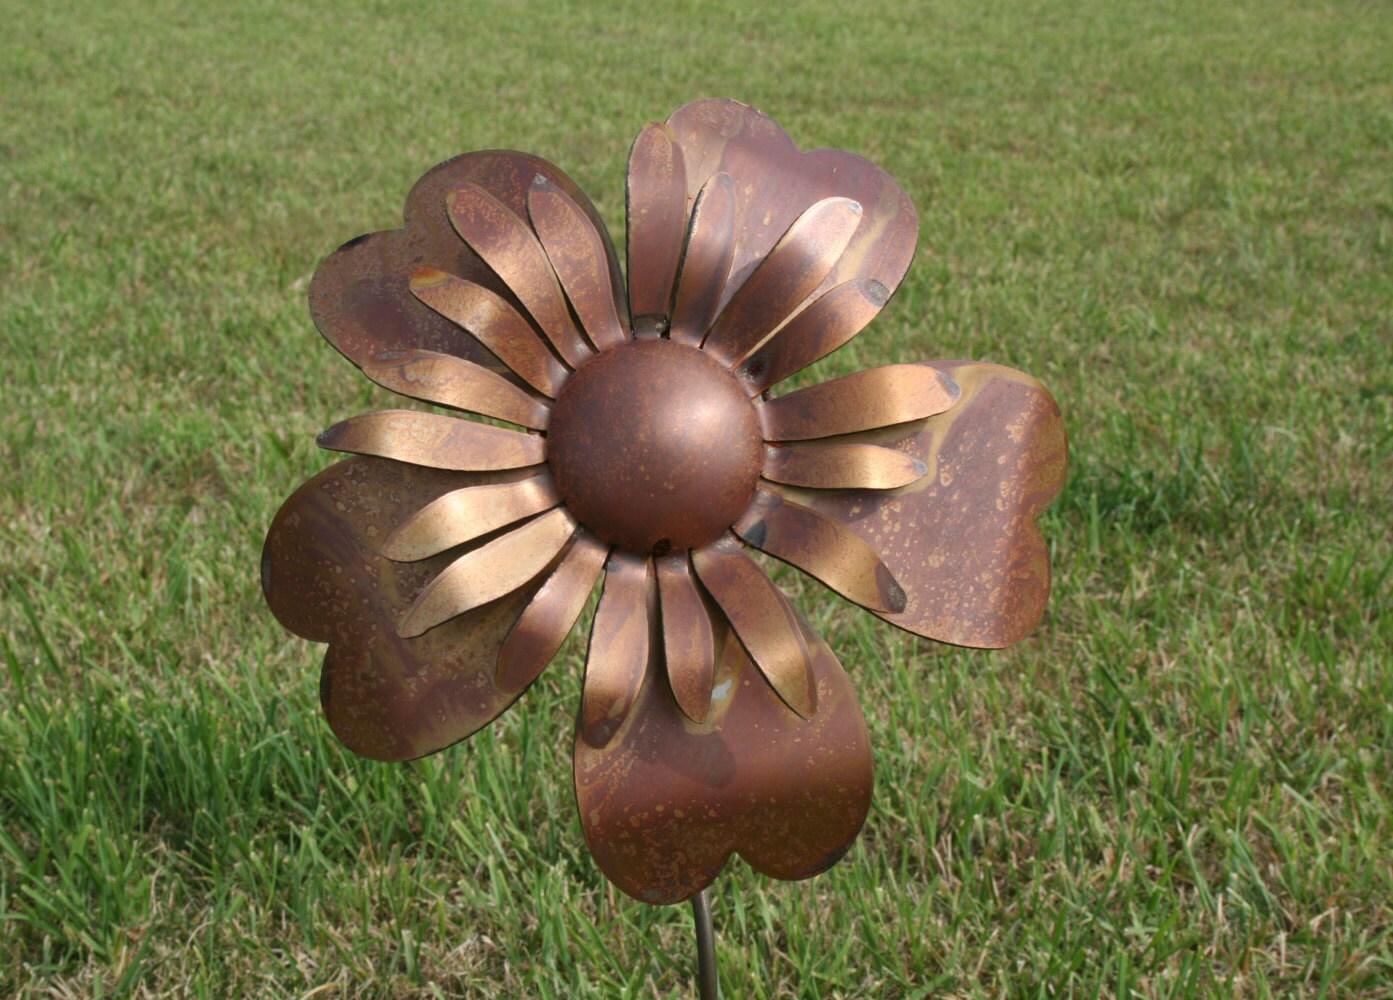 Large Metal Sunflower, Metal Flower Stake, SHIPS FREE!!! Flower Garden Stake,  Giant Metal Flower, Rusty Flower Stake, Rusty Sunflower